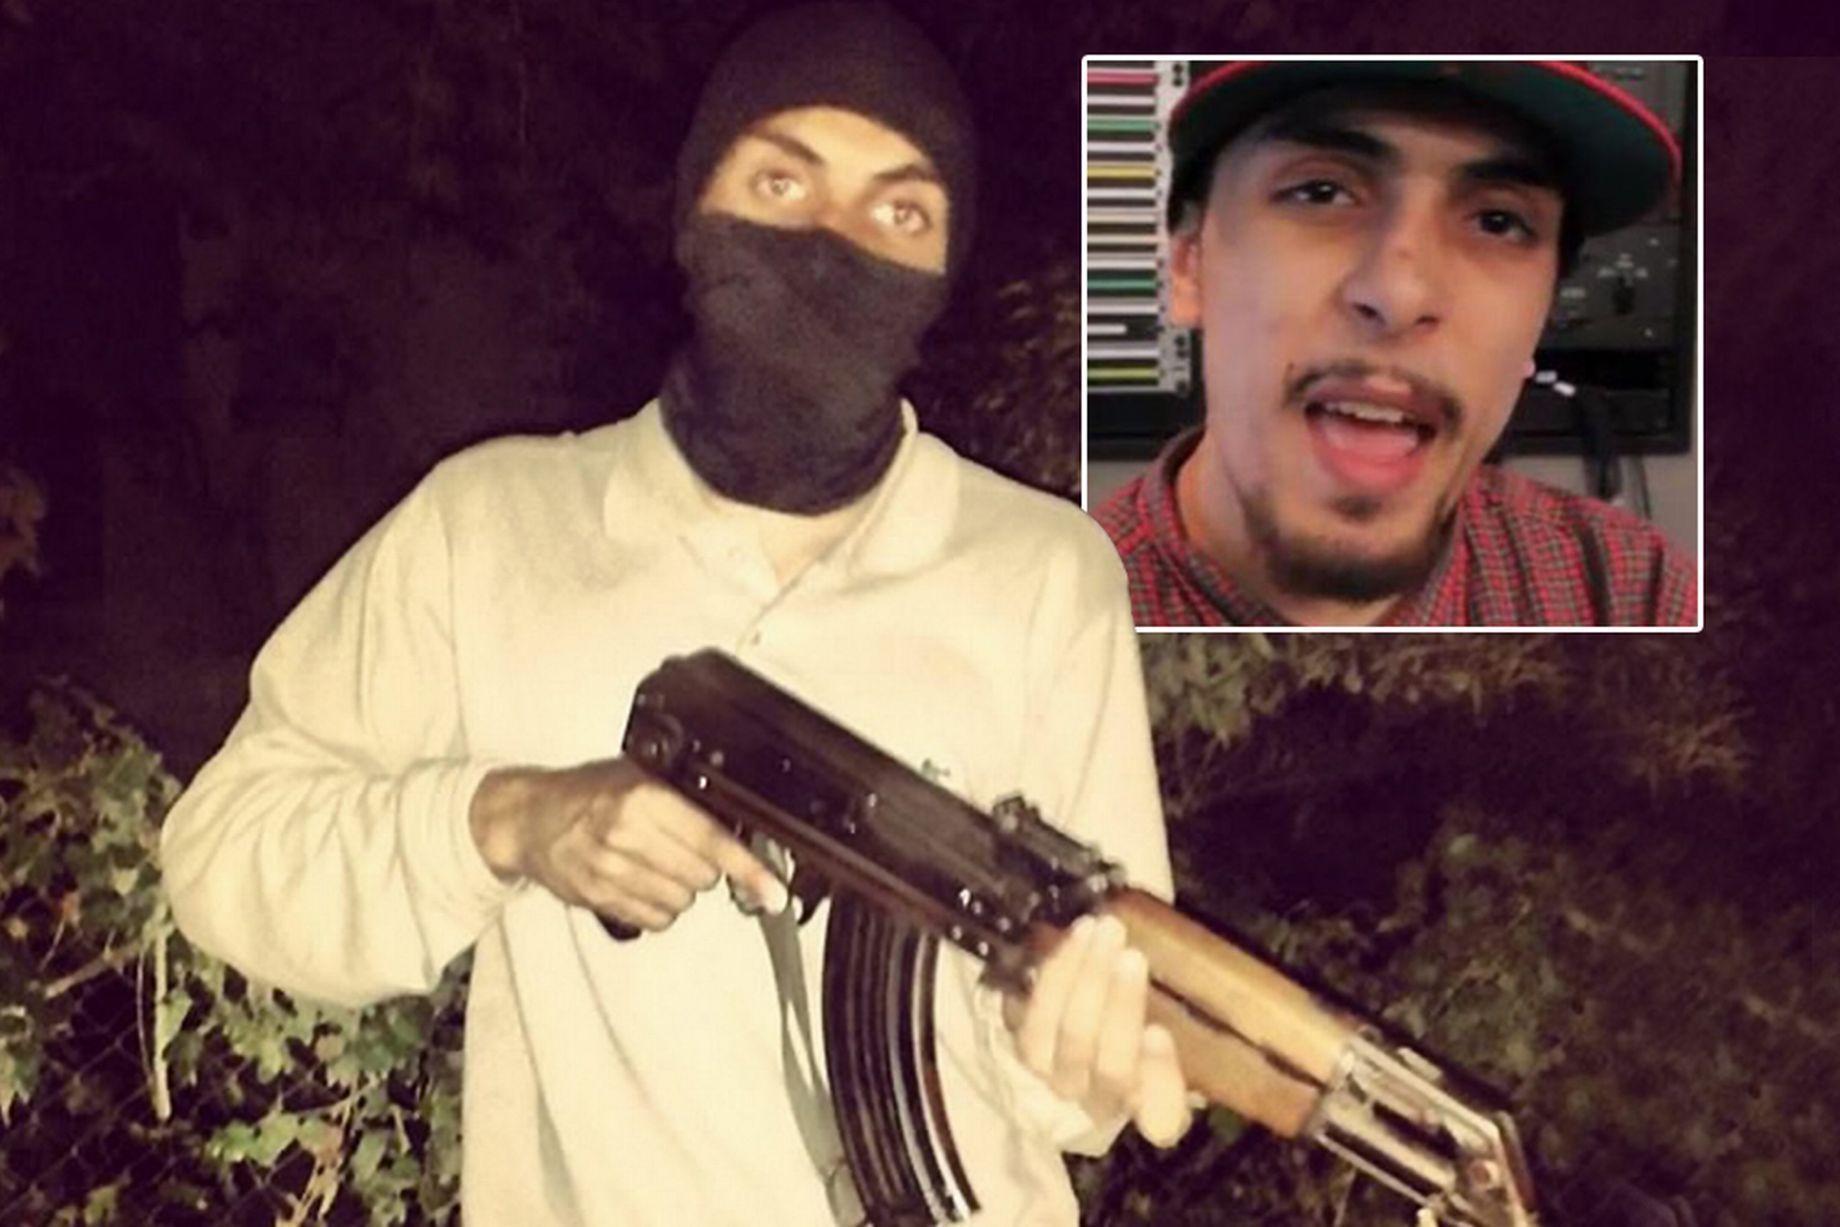 Main Jihadi John